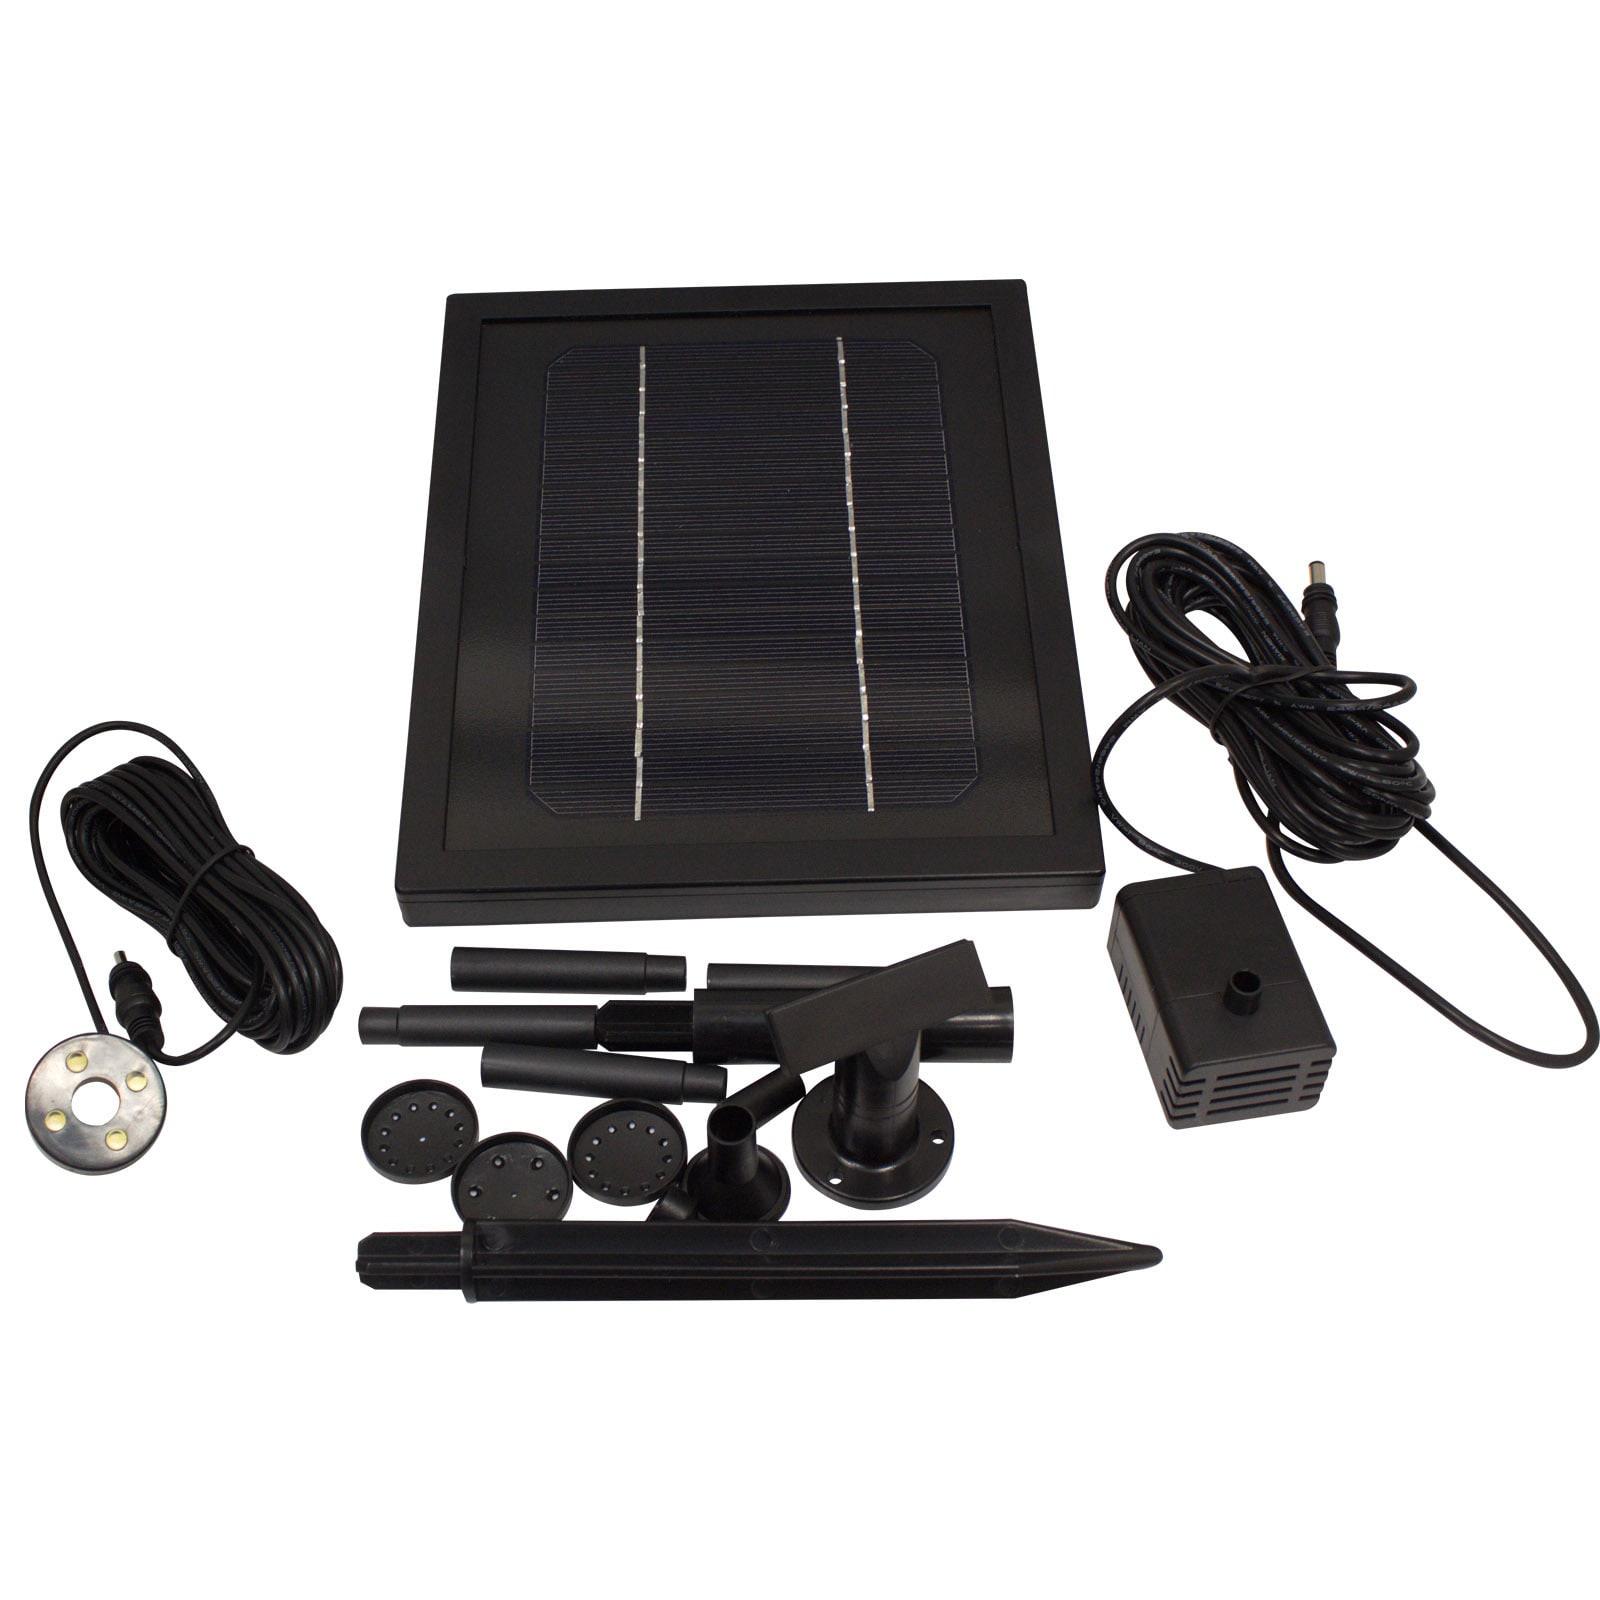 GARDEN SUN LIGHT 3 Watt Solar Water Pump with Battery and...